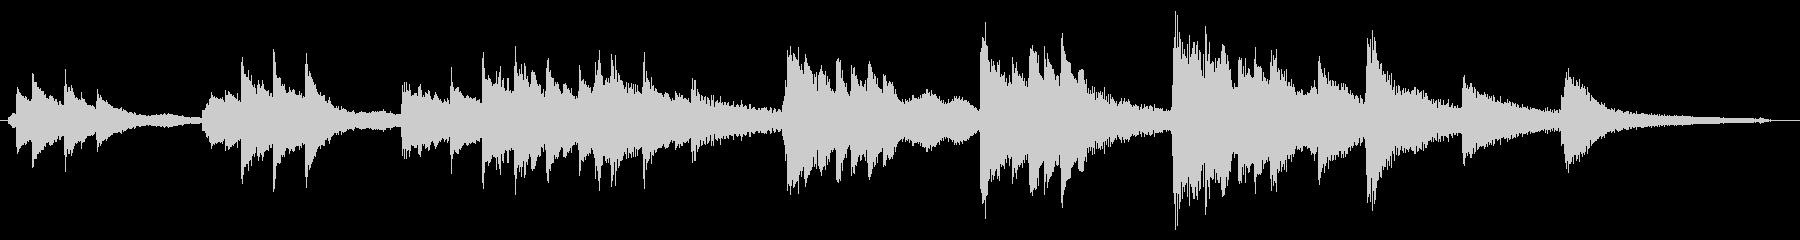 気だるいバラードピアノソロ 30秒版の未再生の波形